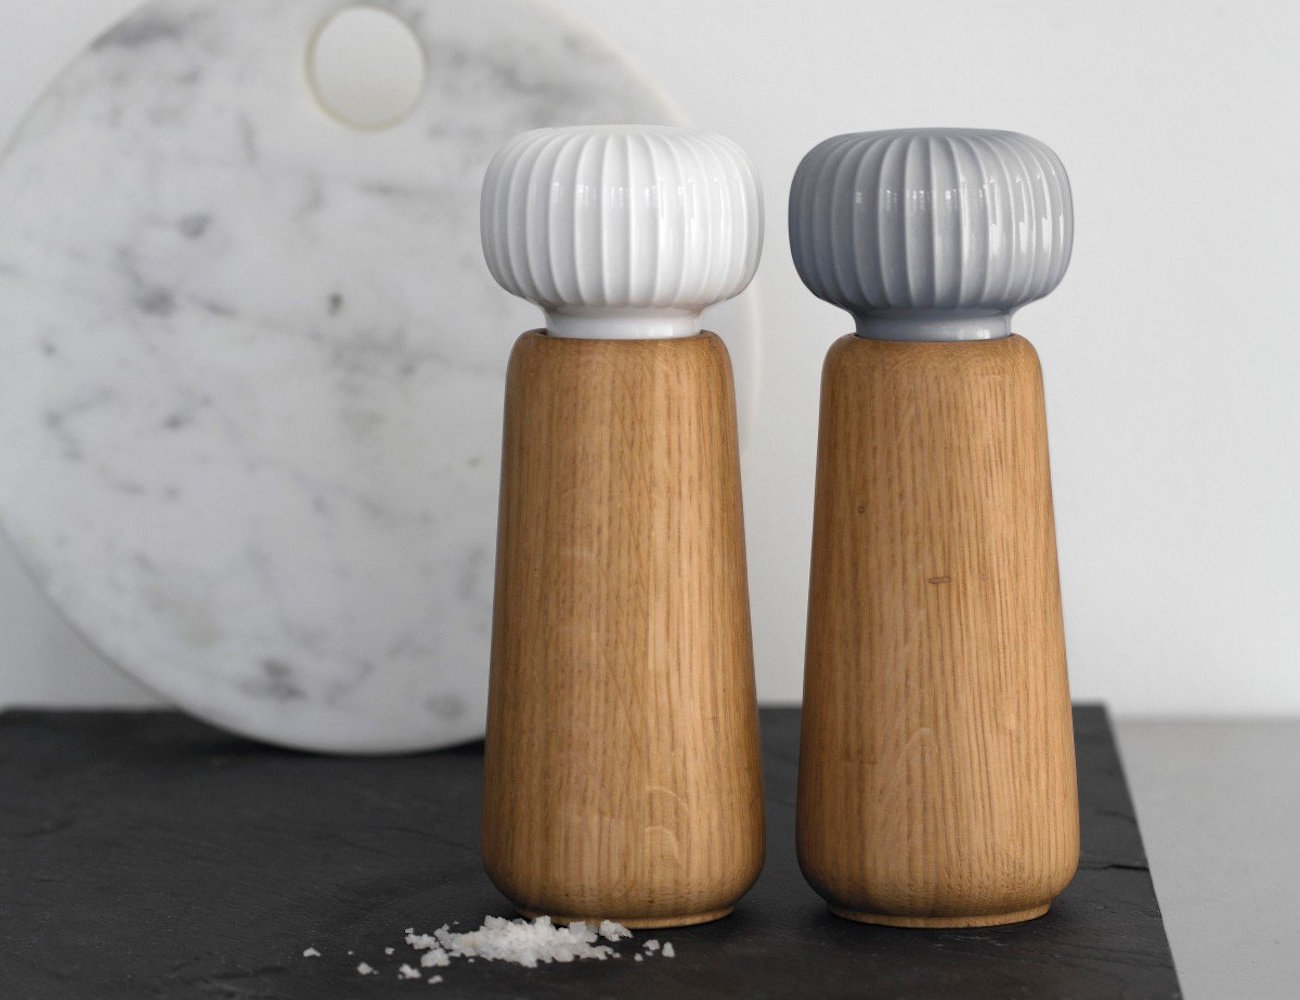 Kahler Hammershoi Porcelain Salt Grinder